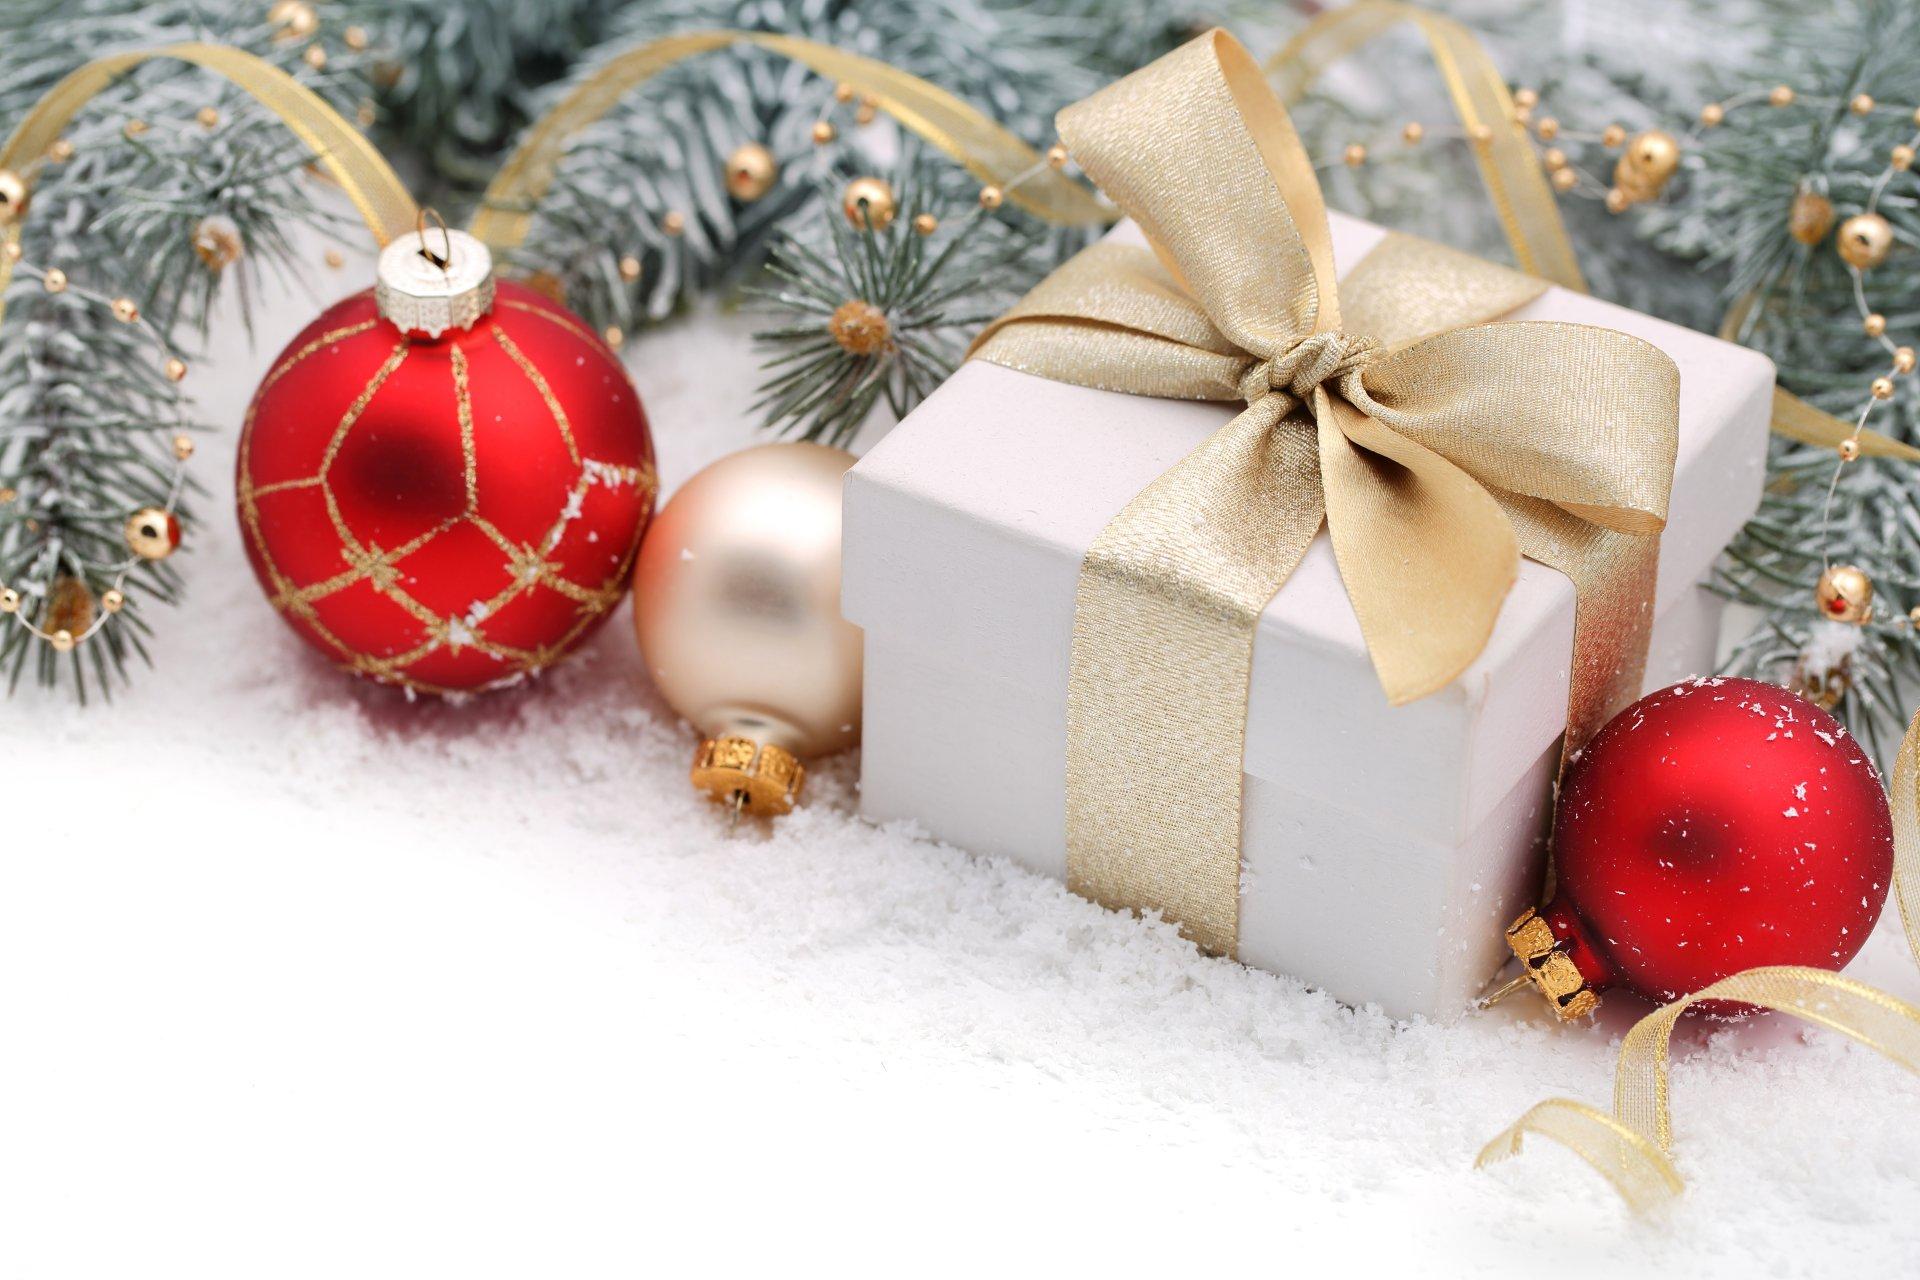 Обои подарок, Коробка, рождество, ёлочные украшения, золотые, шарики. Новый год foto 10